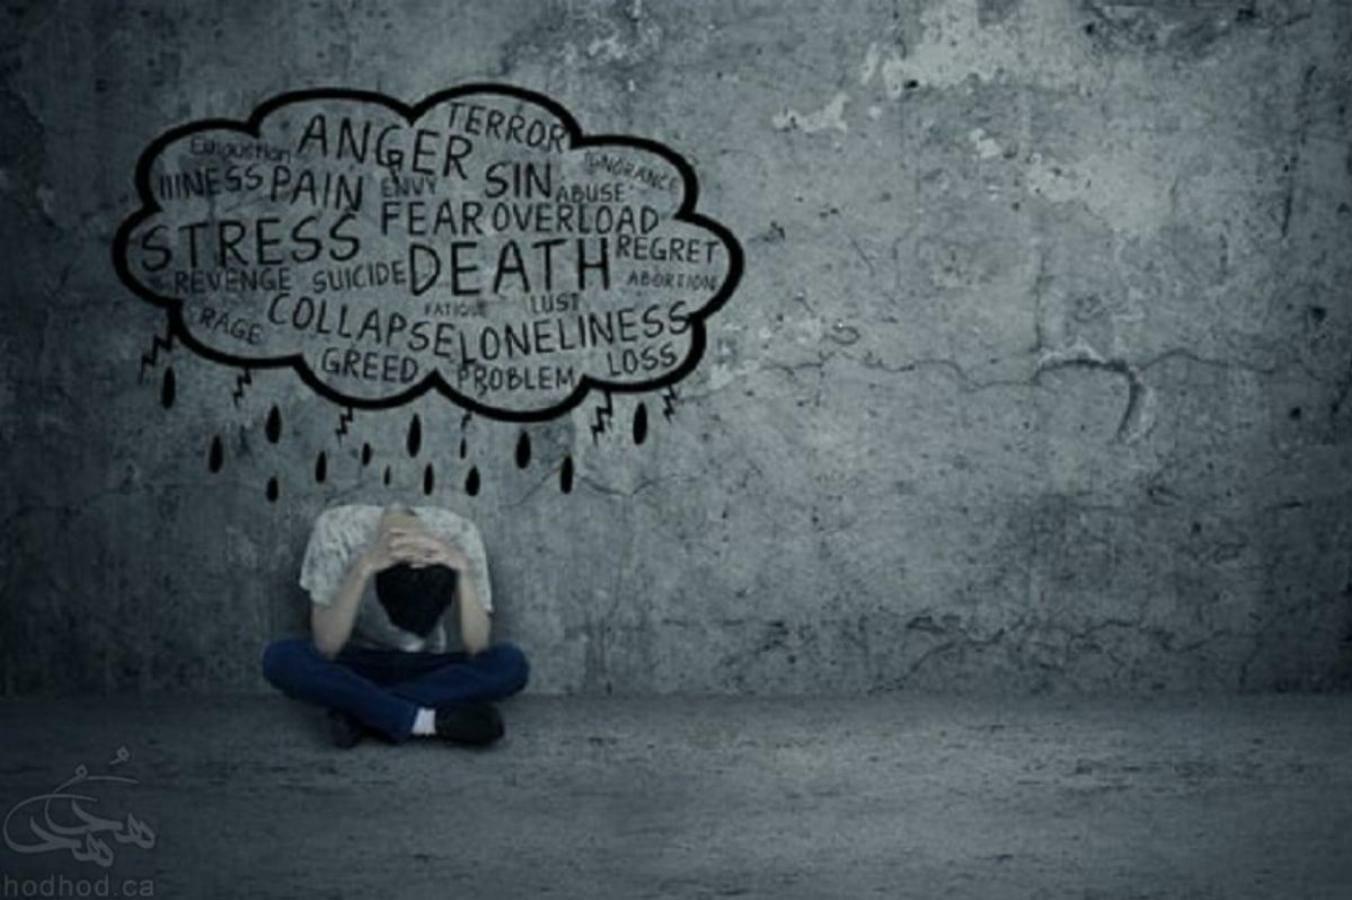 افسردگی شایع در بین مهاجرین و دلایل آن